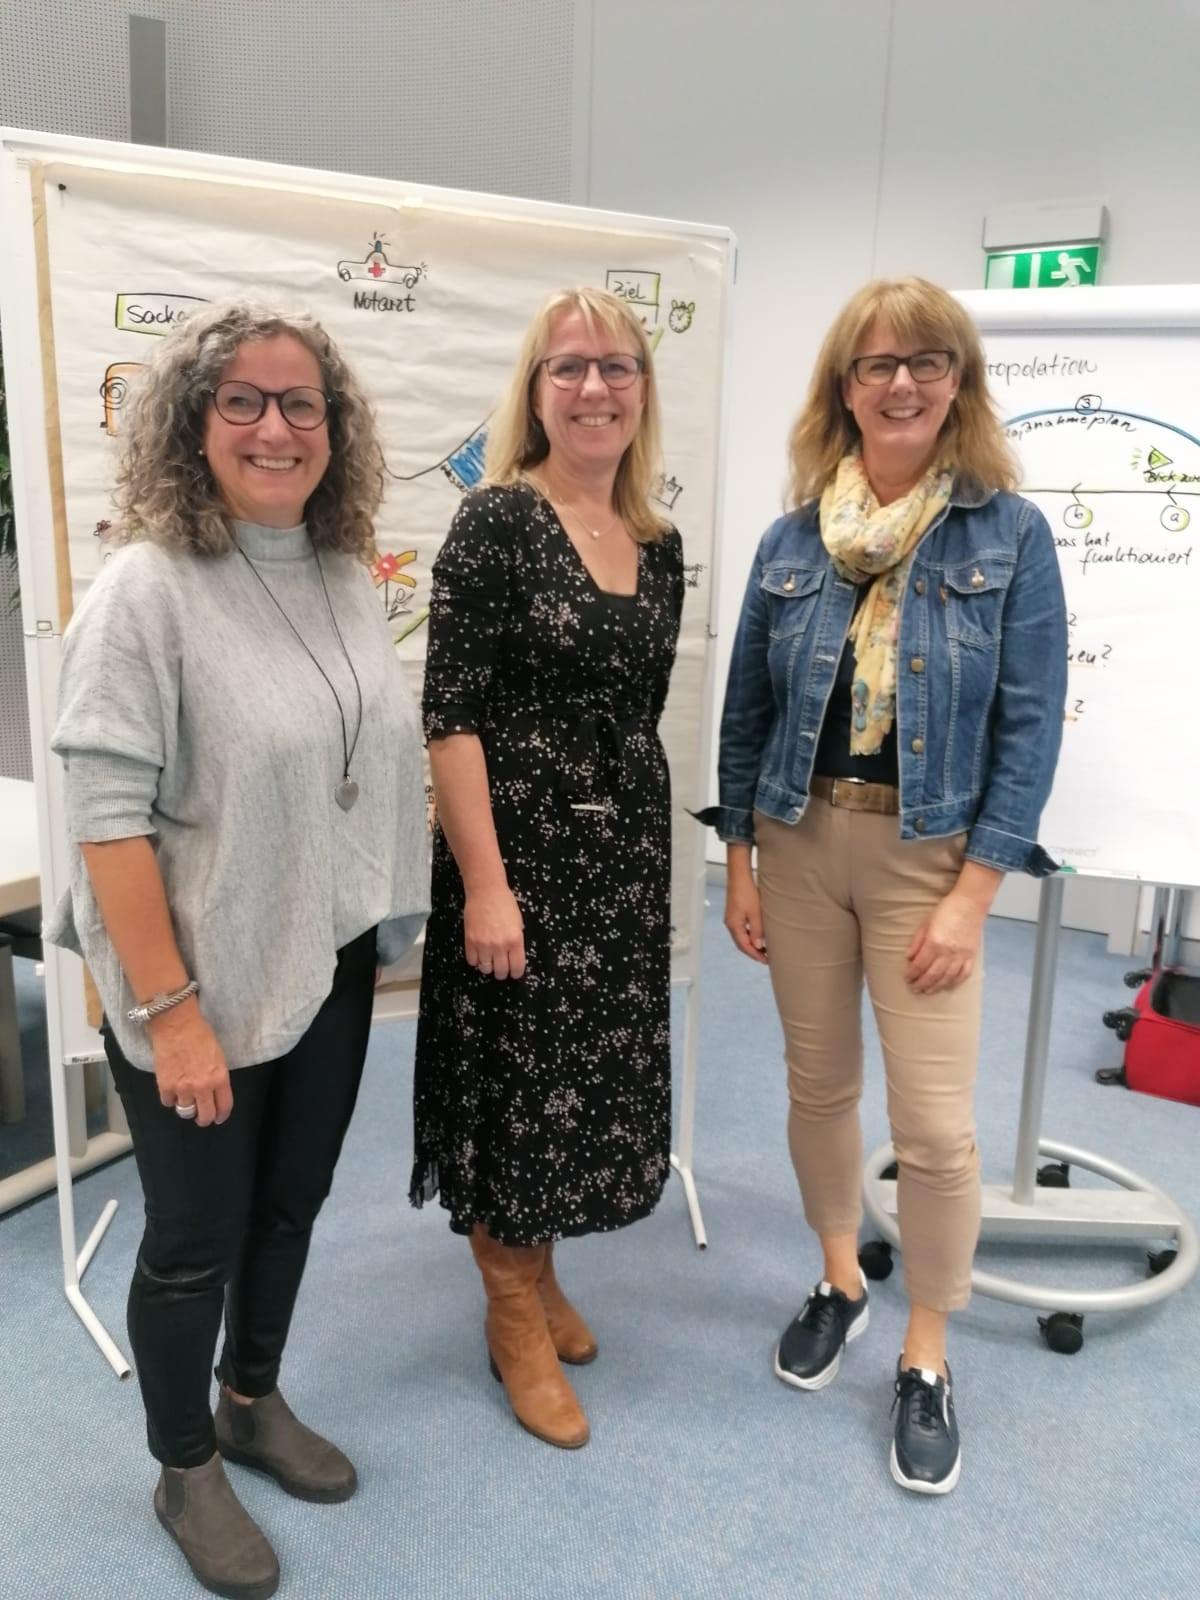 v.li. Gabriele Heinzelmann, Sonja Schulz, Nicole Kalmbacher